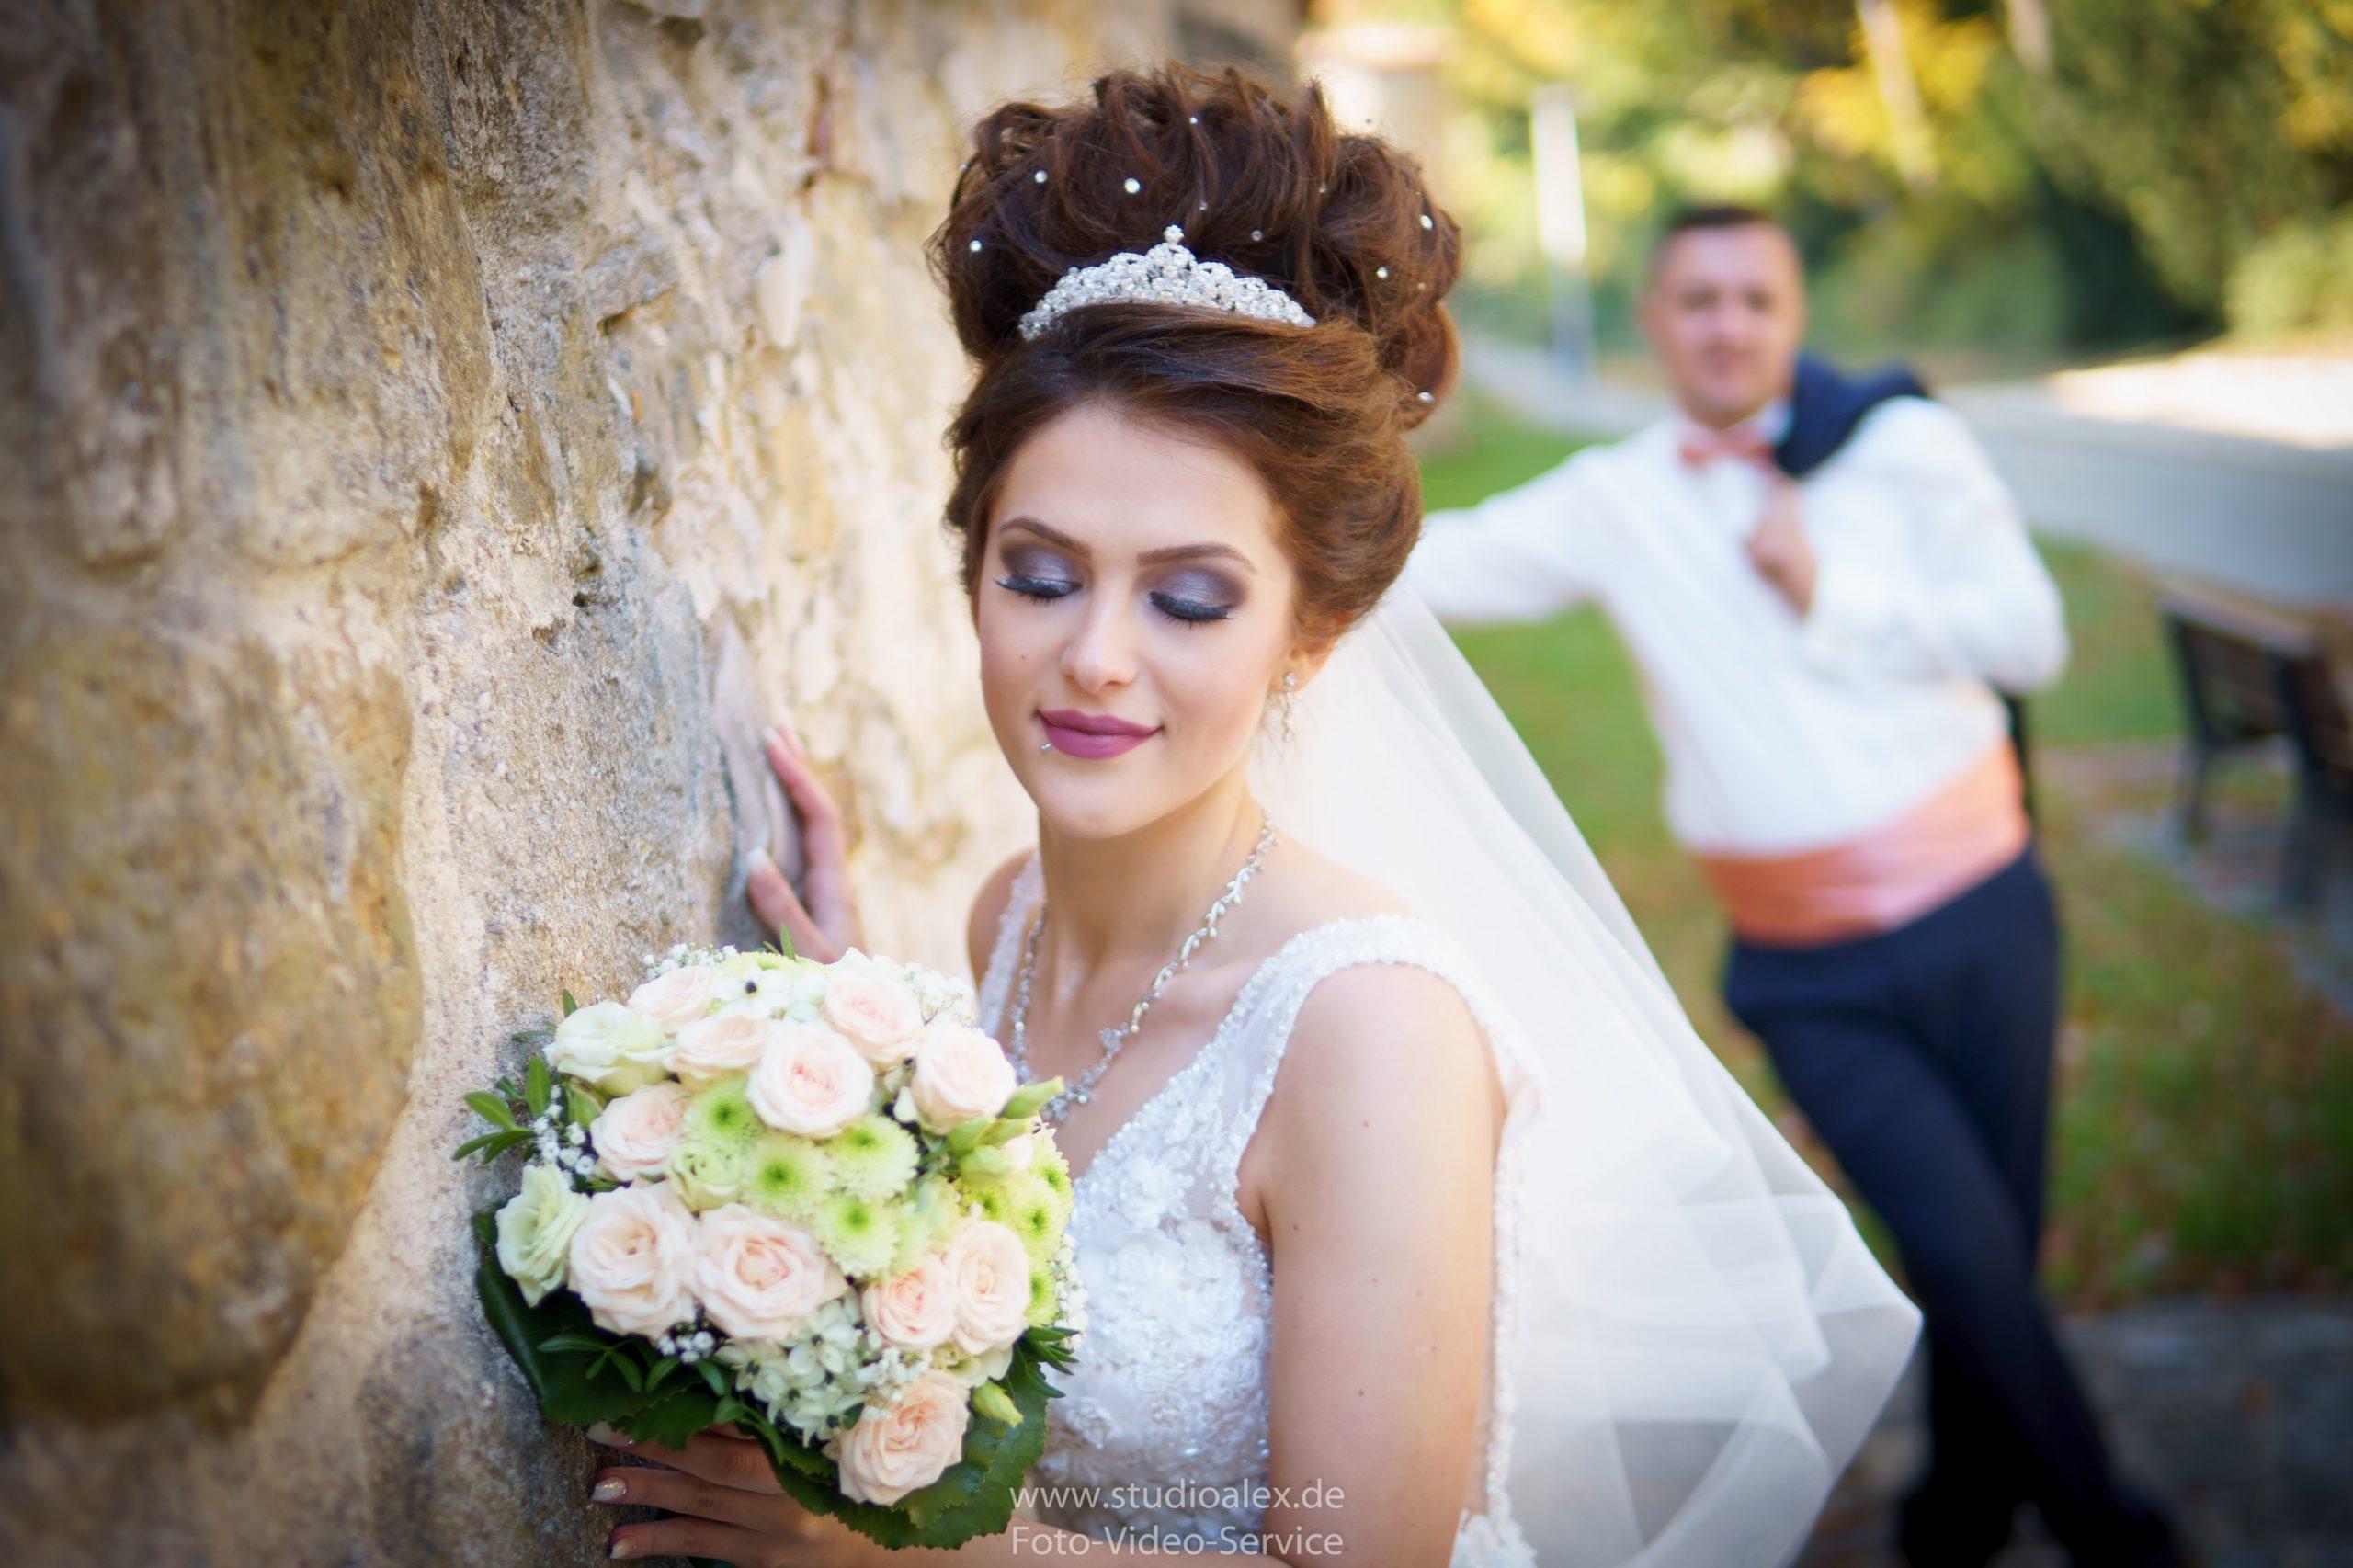 Hochzeitsfotograf-Amberg-Hochzeitsfotografie-Amberg-Hochzeitsfotos-Amberg-Hochzeitsbilder-Amberg-Fotograf-Hochzeit-Amberg-06301-scaled.jpg